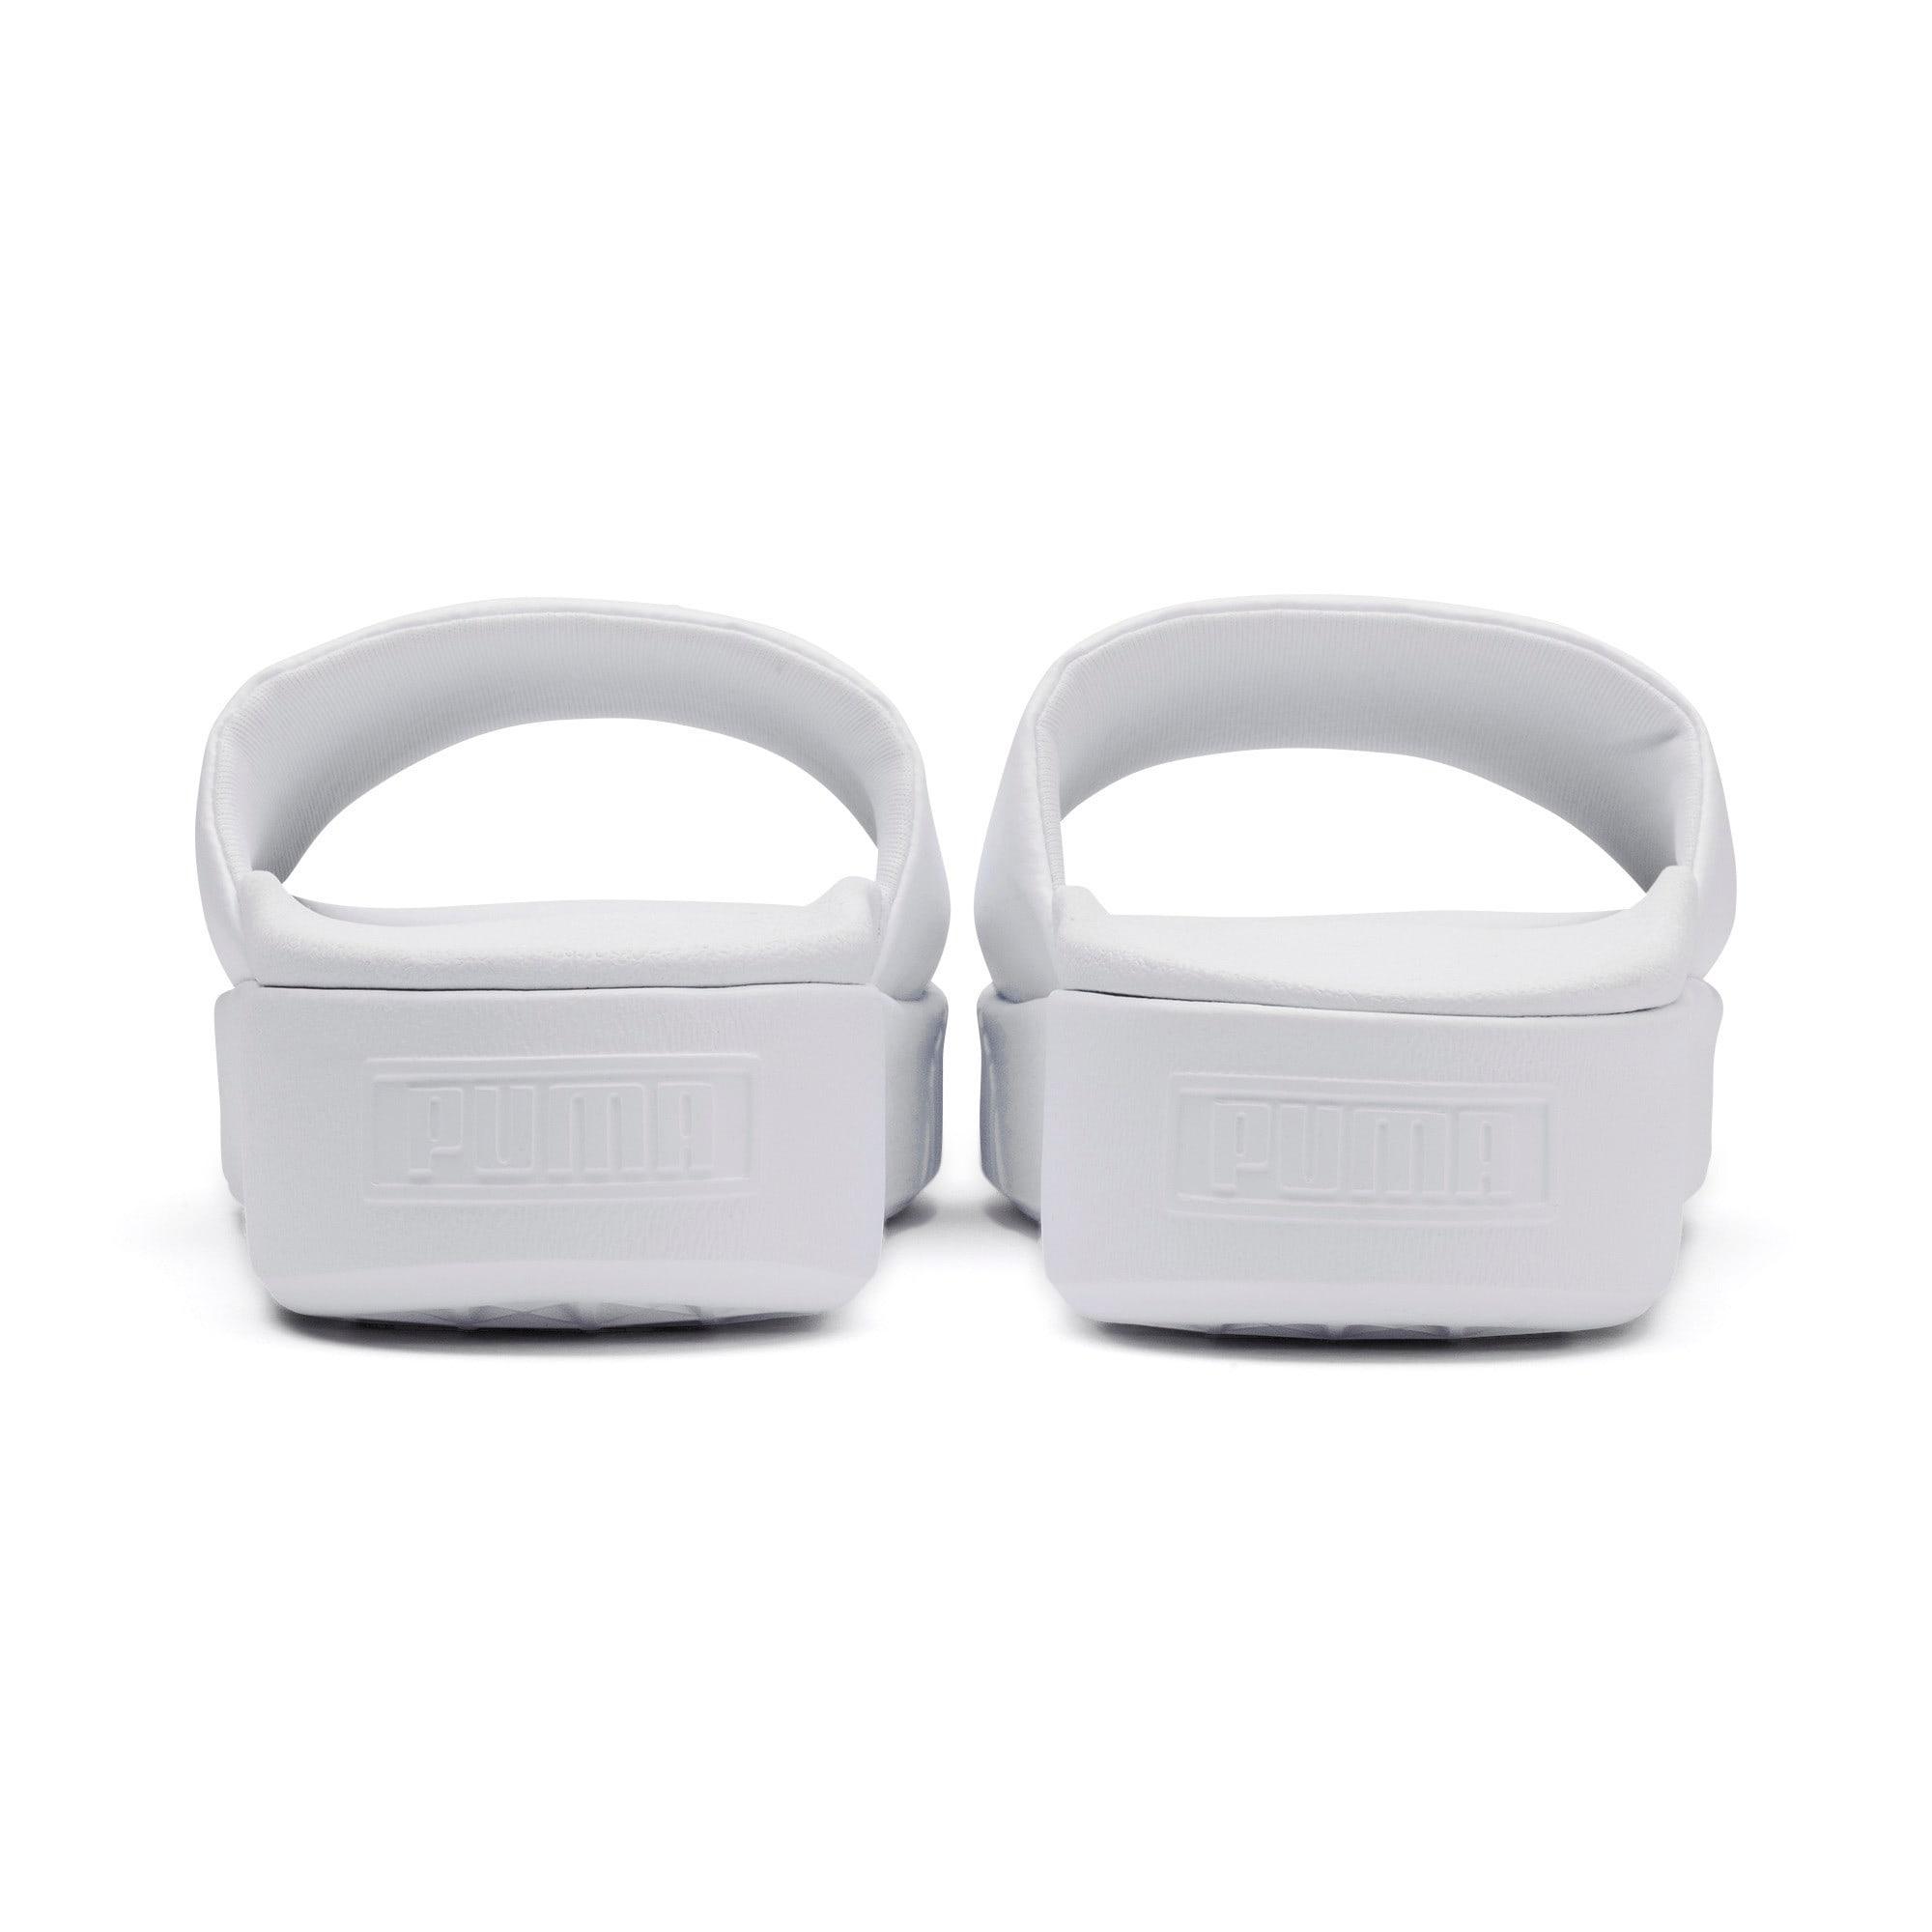 Thumbnail 3 of Platform Slide Women's Sandals, Puma White-Puma White, medium